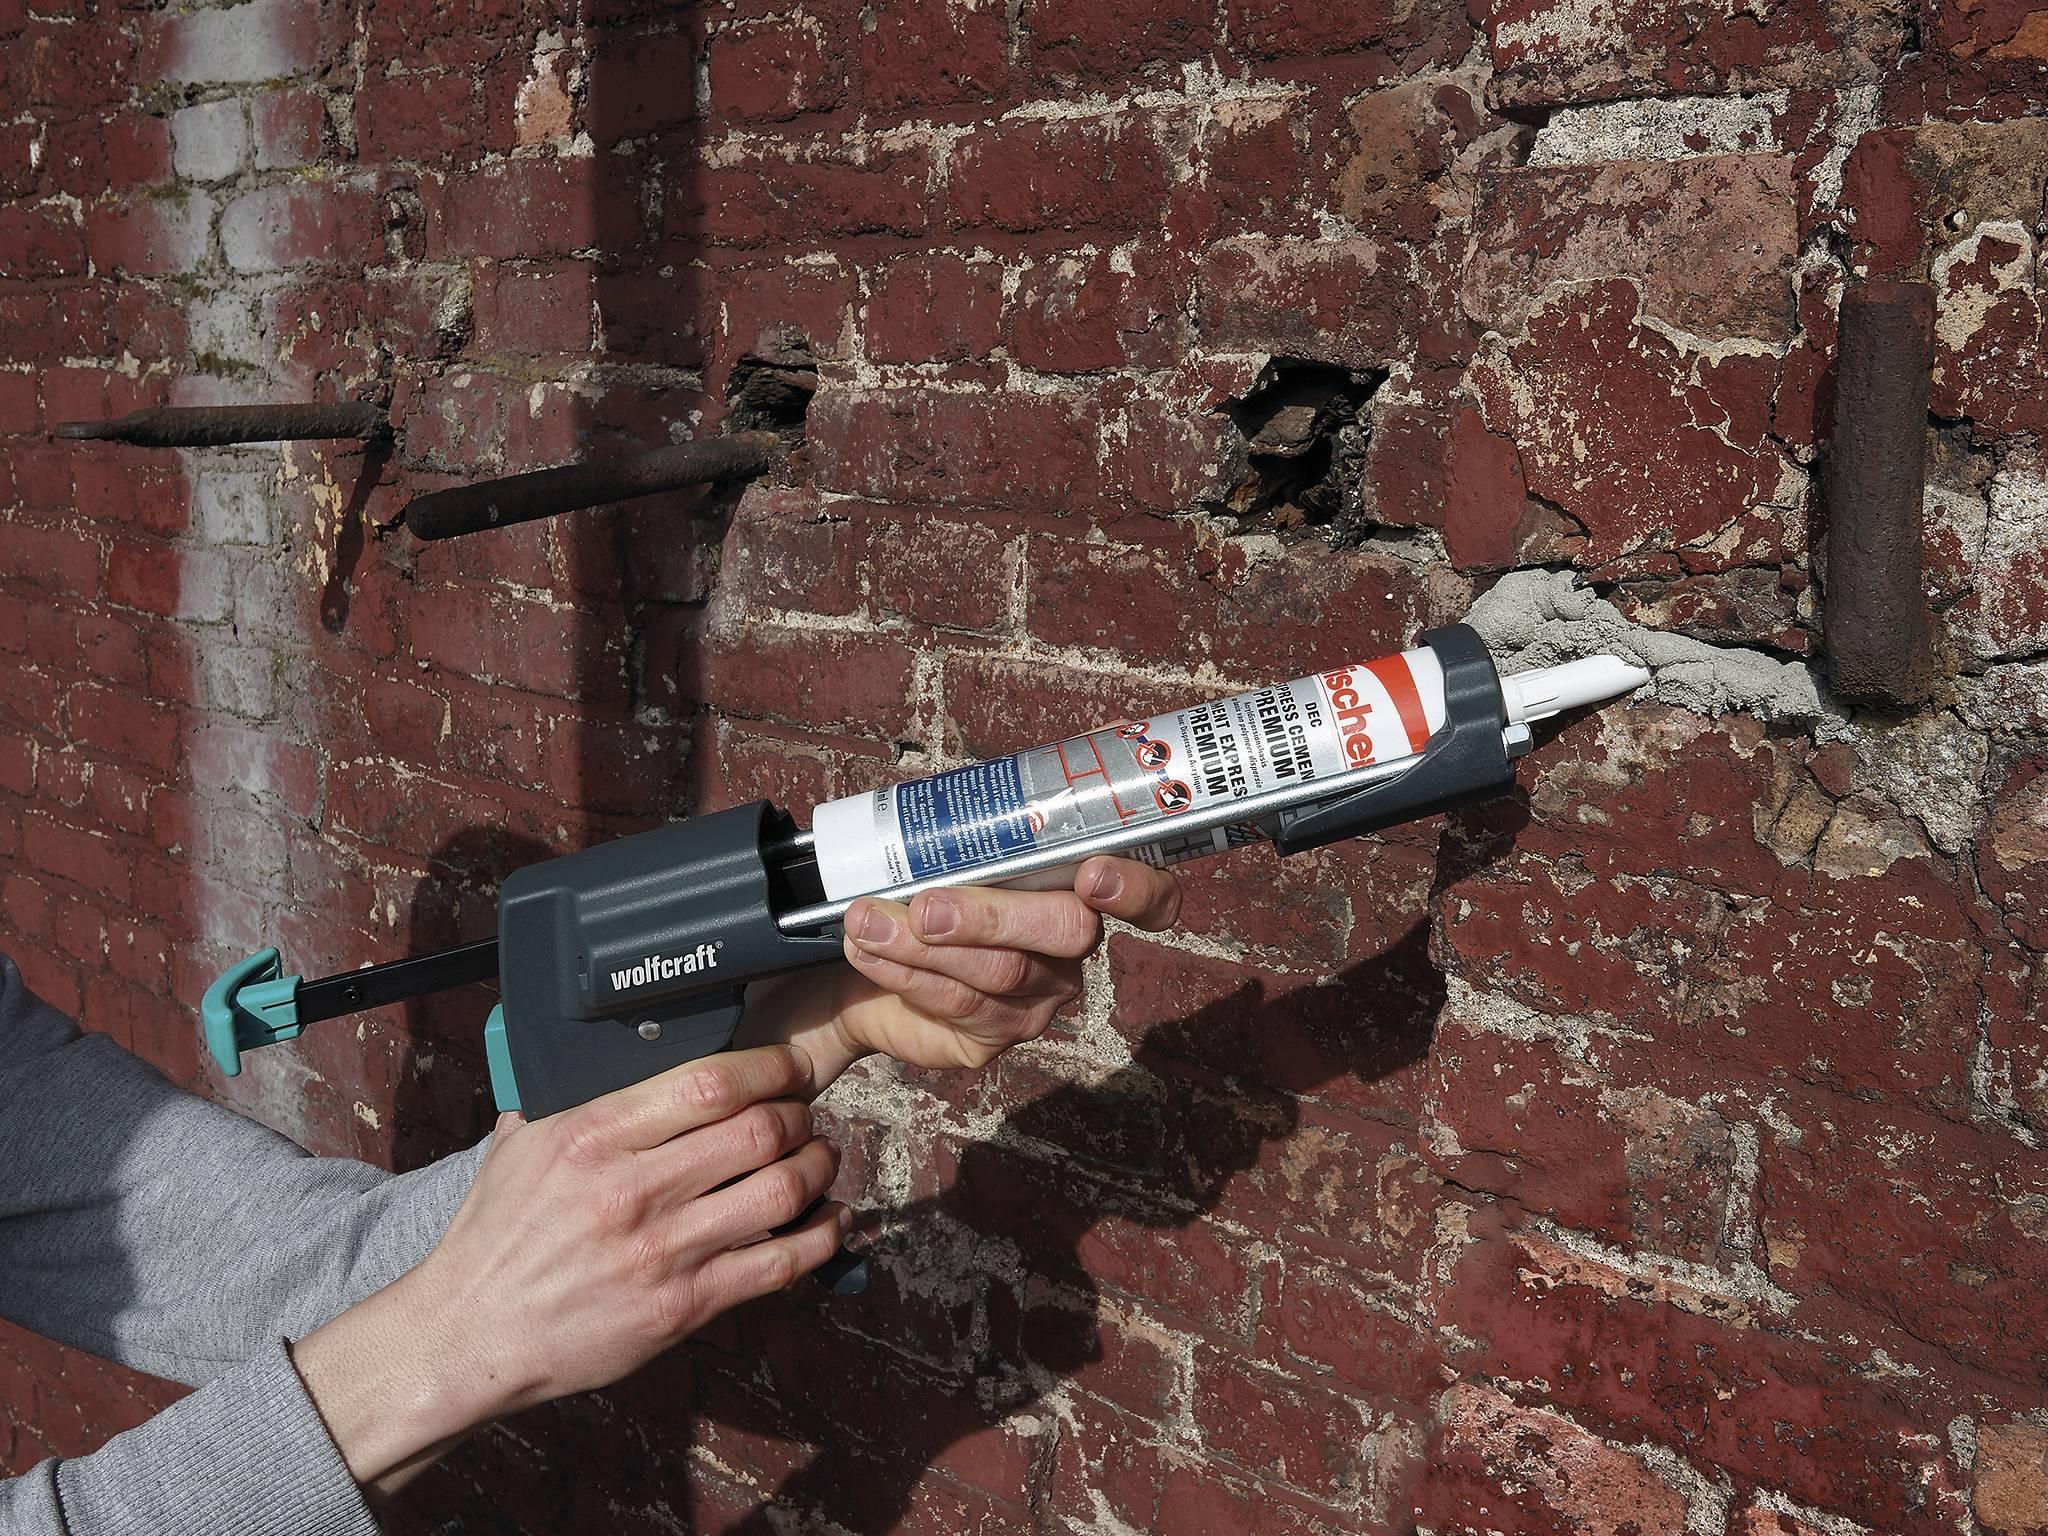 Пистолет под герметик: как выбрать лучший прибор и правильно им пользоваться